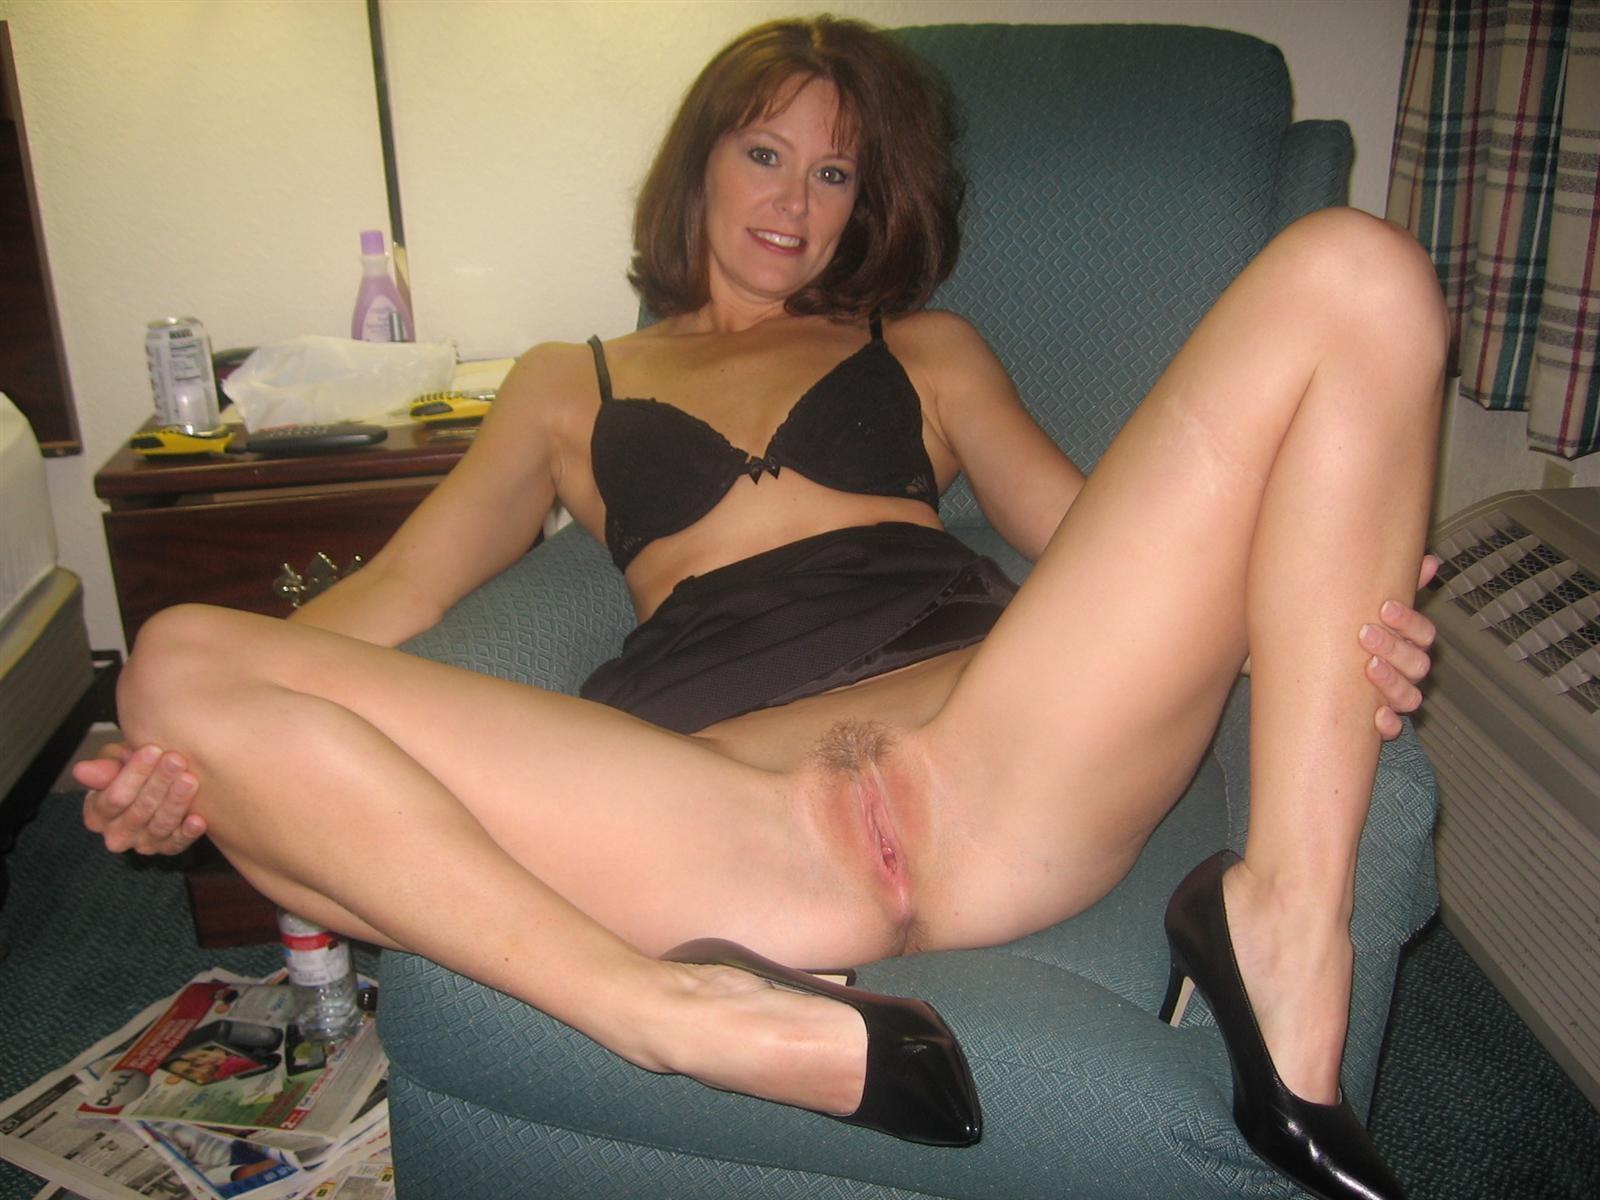 amature-sexy-mom-photos